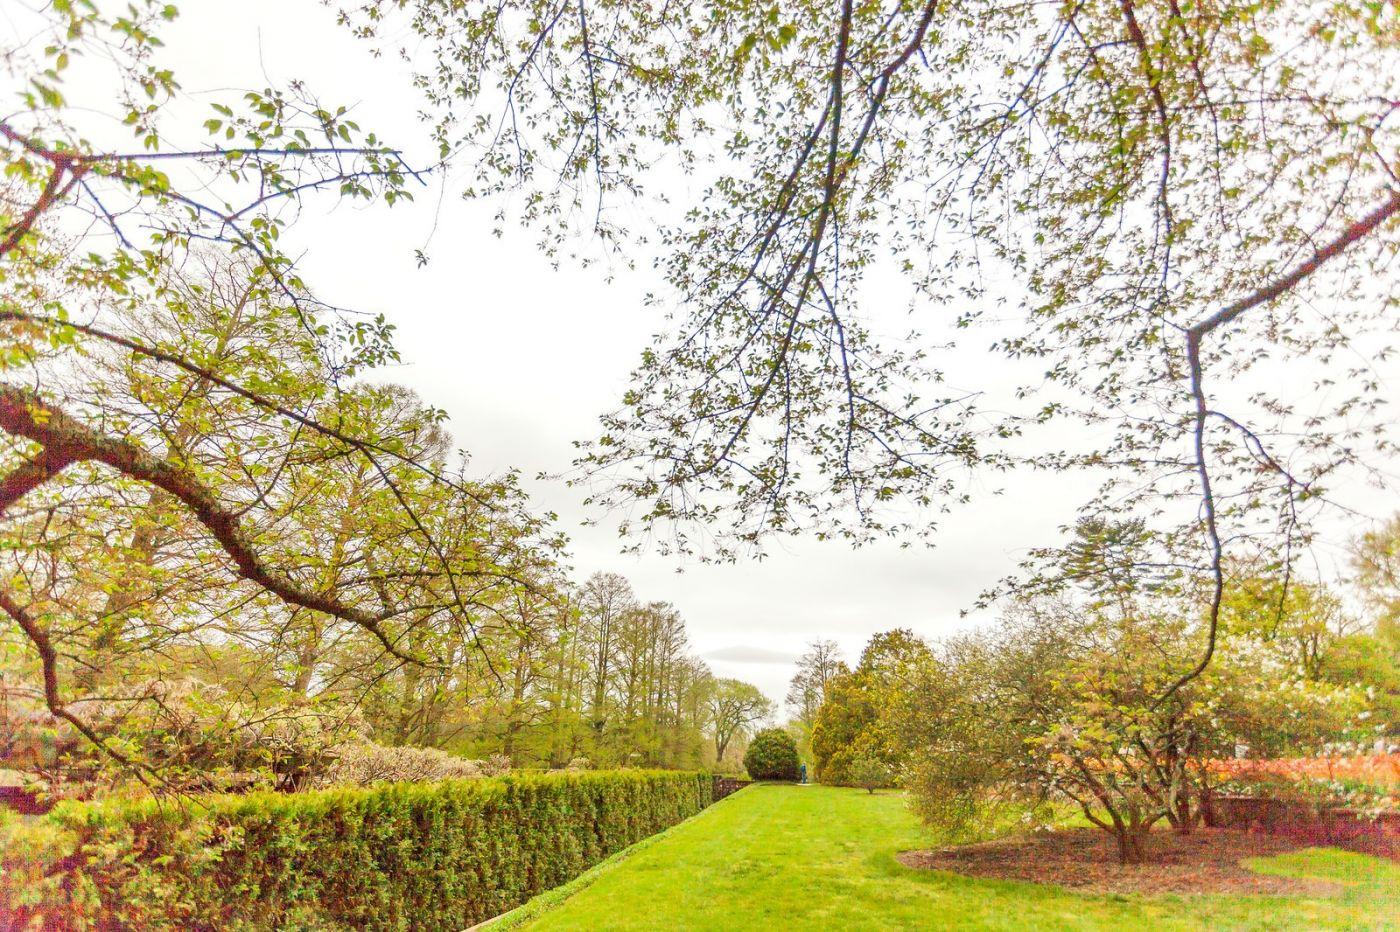 宾州长木公园,定格美好的画面_图1-18